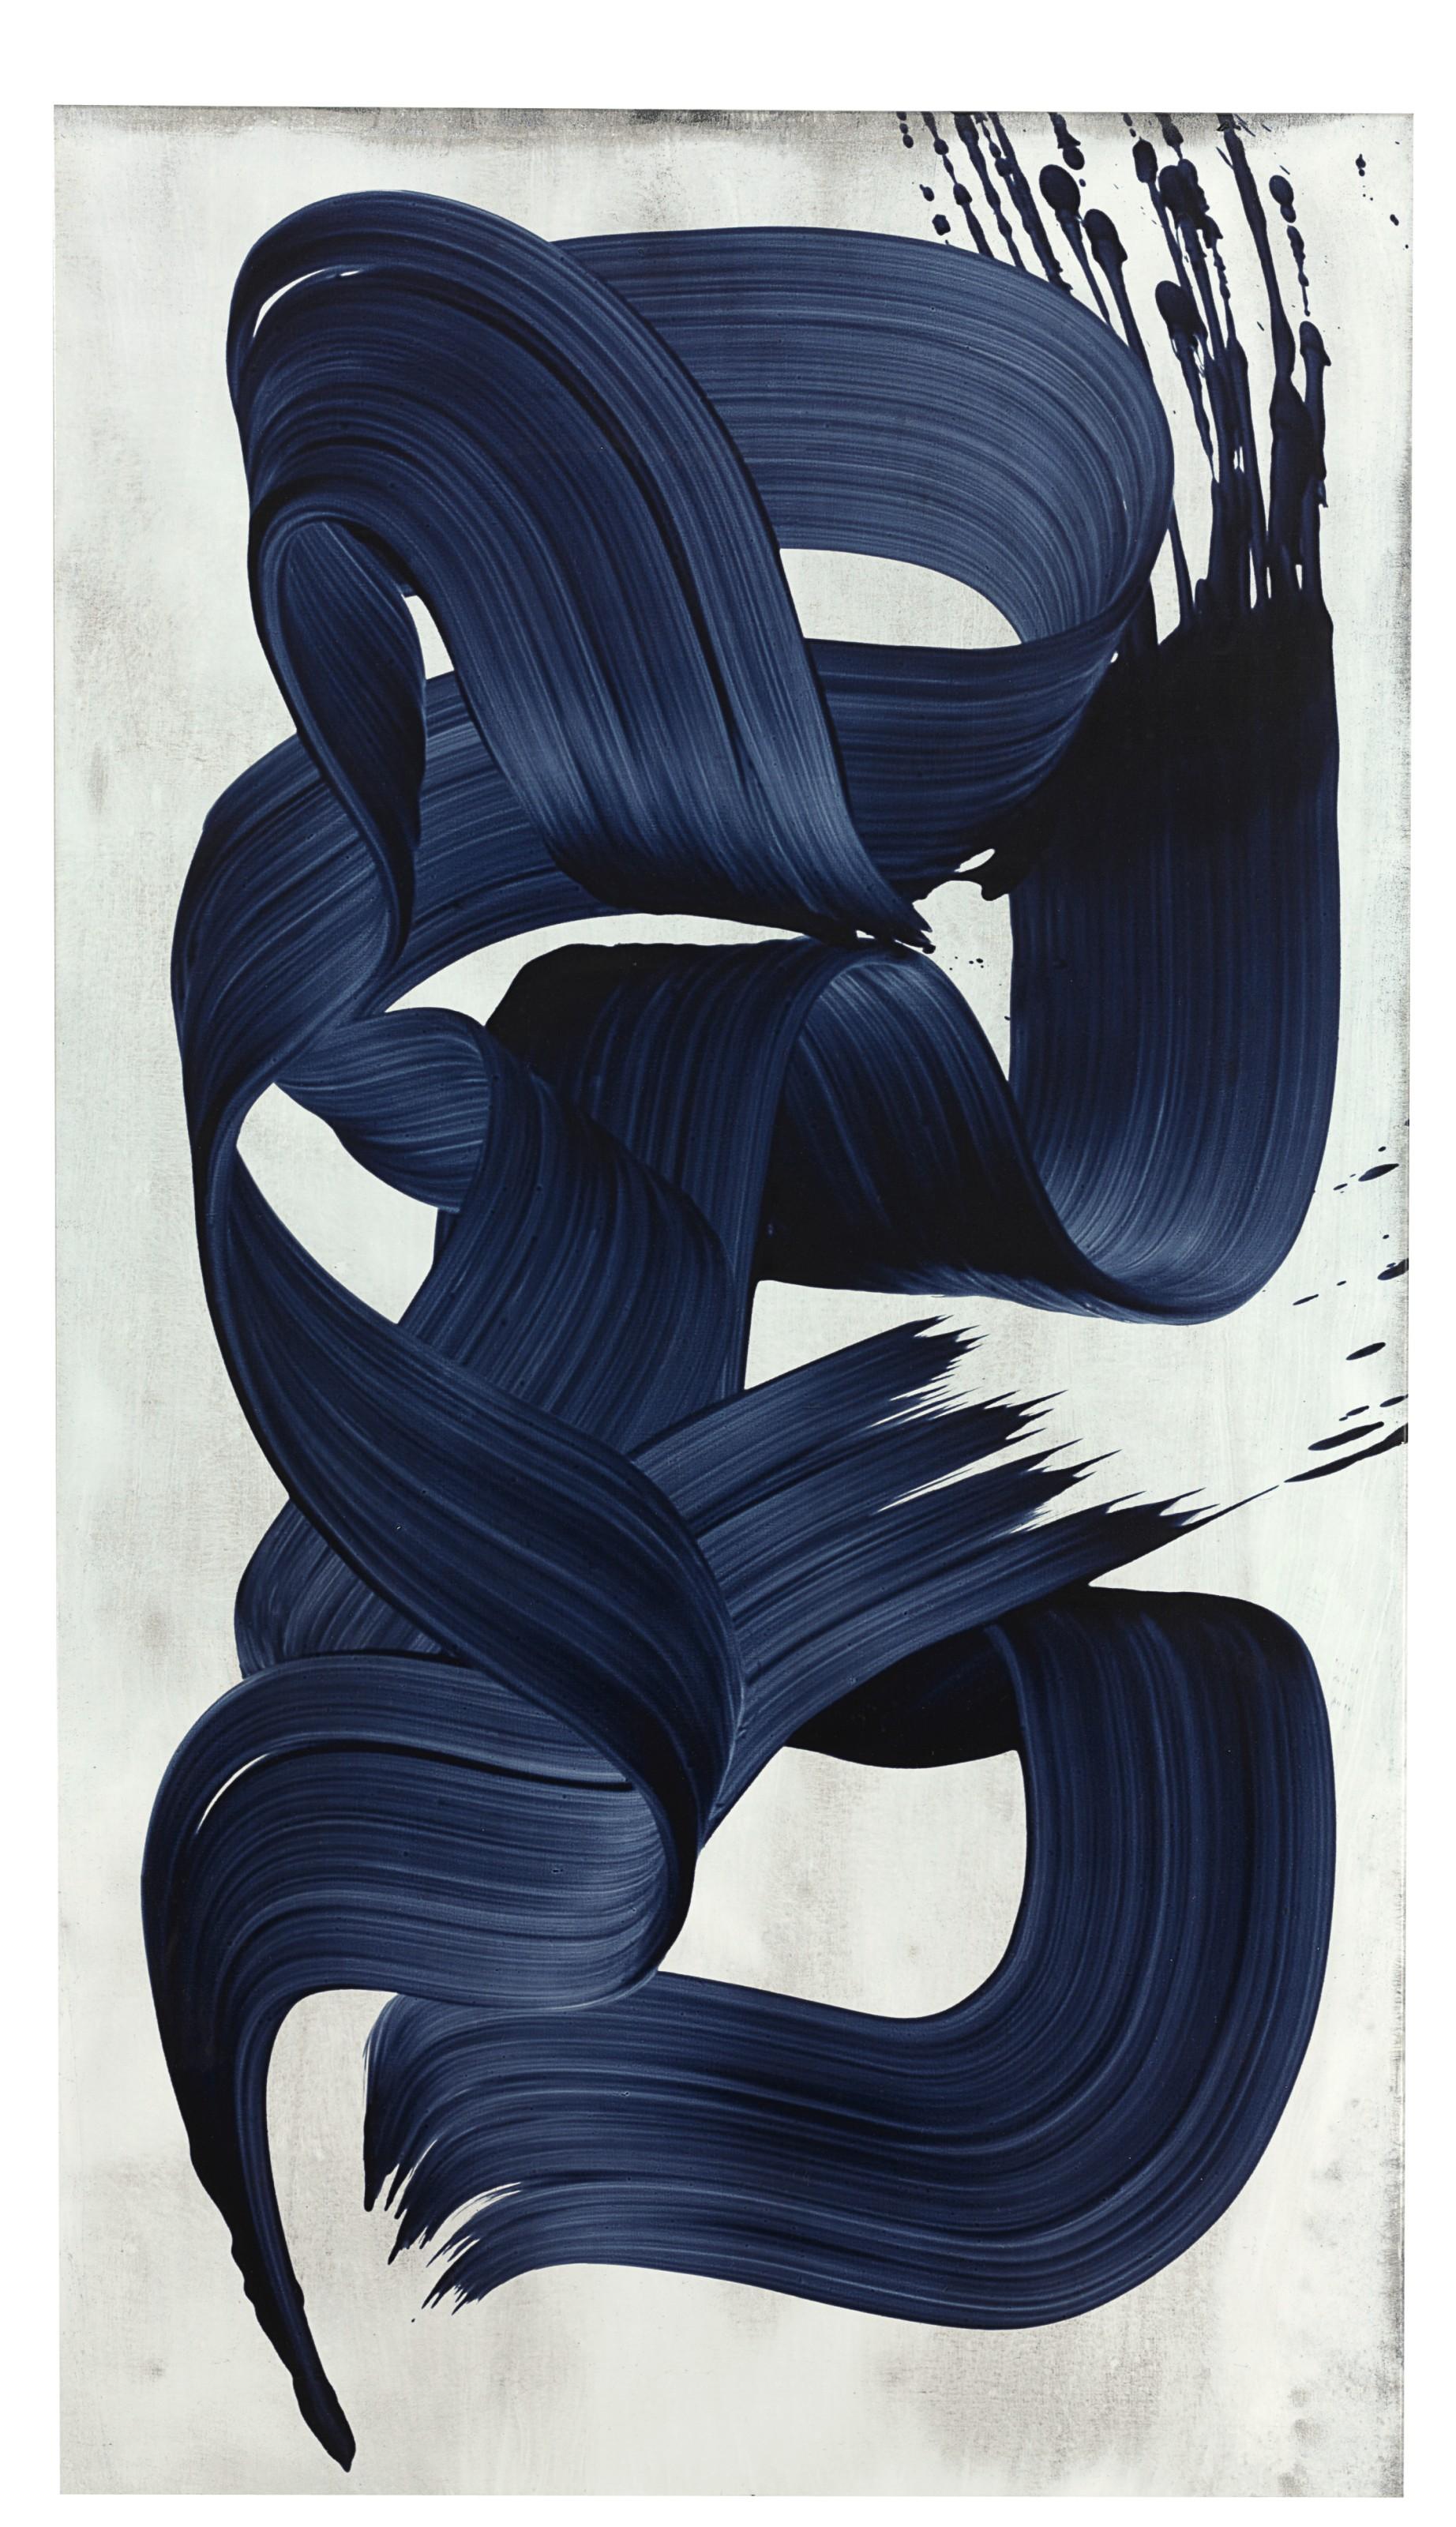 Take 118 - Blue Black